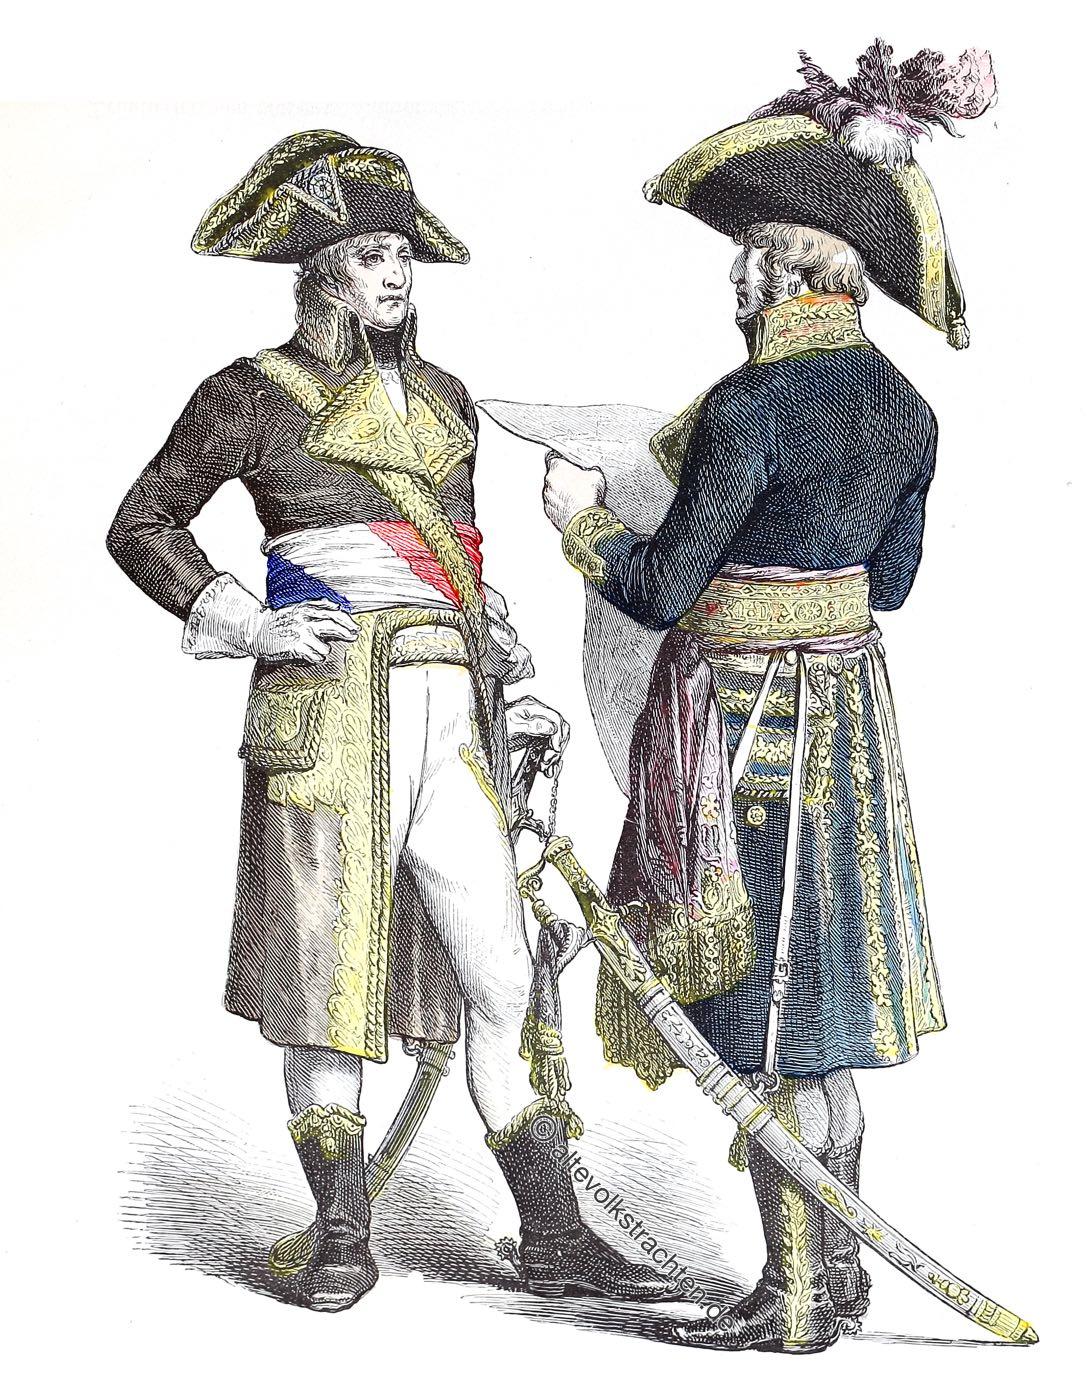 Münchener Bilderbogen, Militär, Direktorium, Generäle, Frankreich,